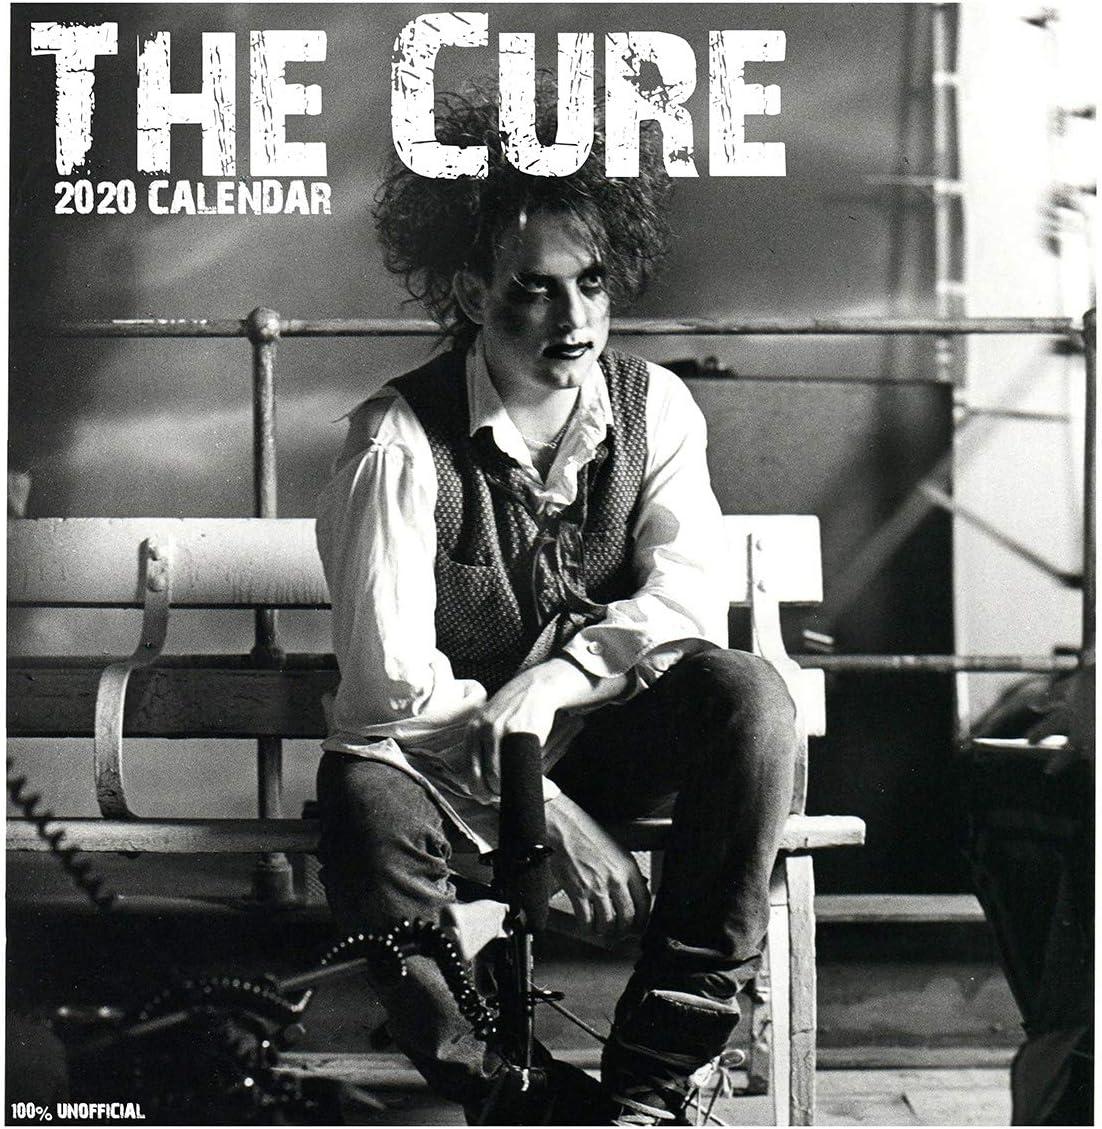 The Cure 2020 - Calendario de pared de 12 x 12 cm, cuadrado, con póster de regalo de cumpleaños o Navidad